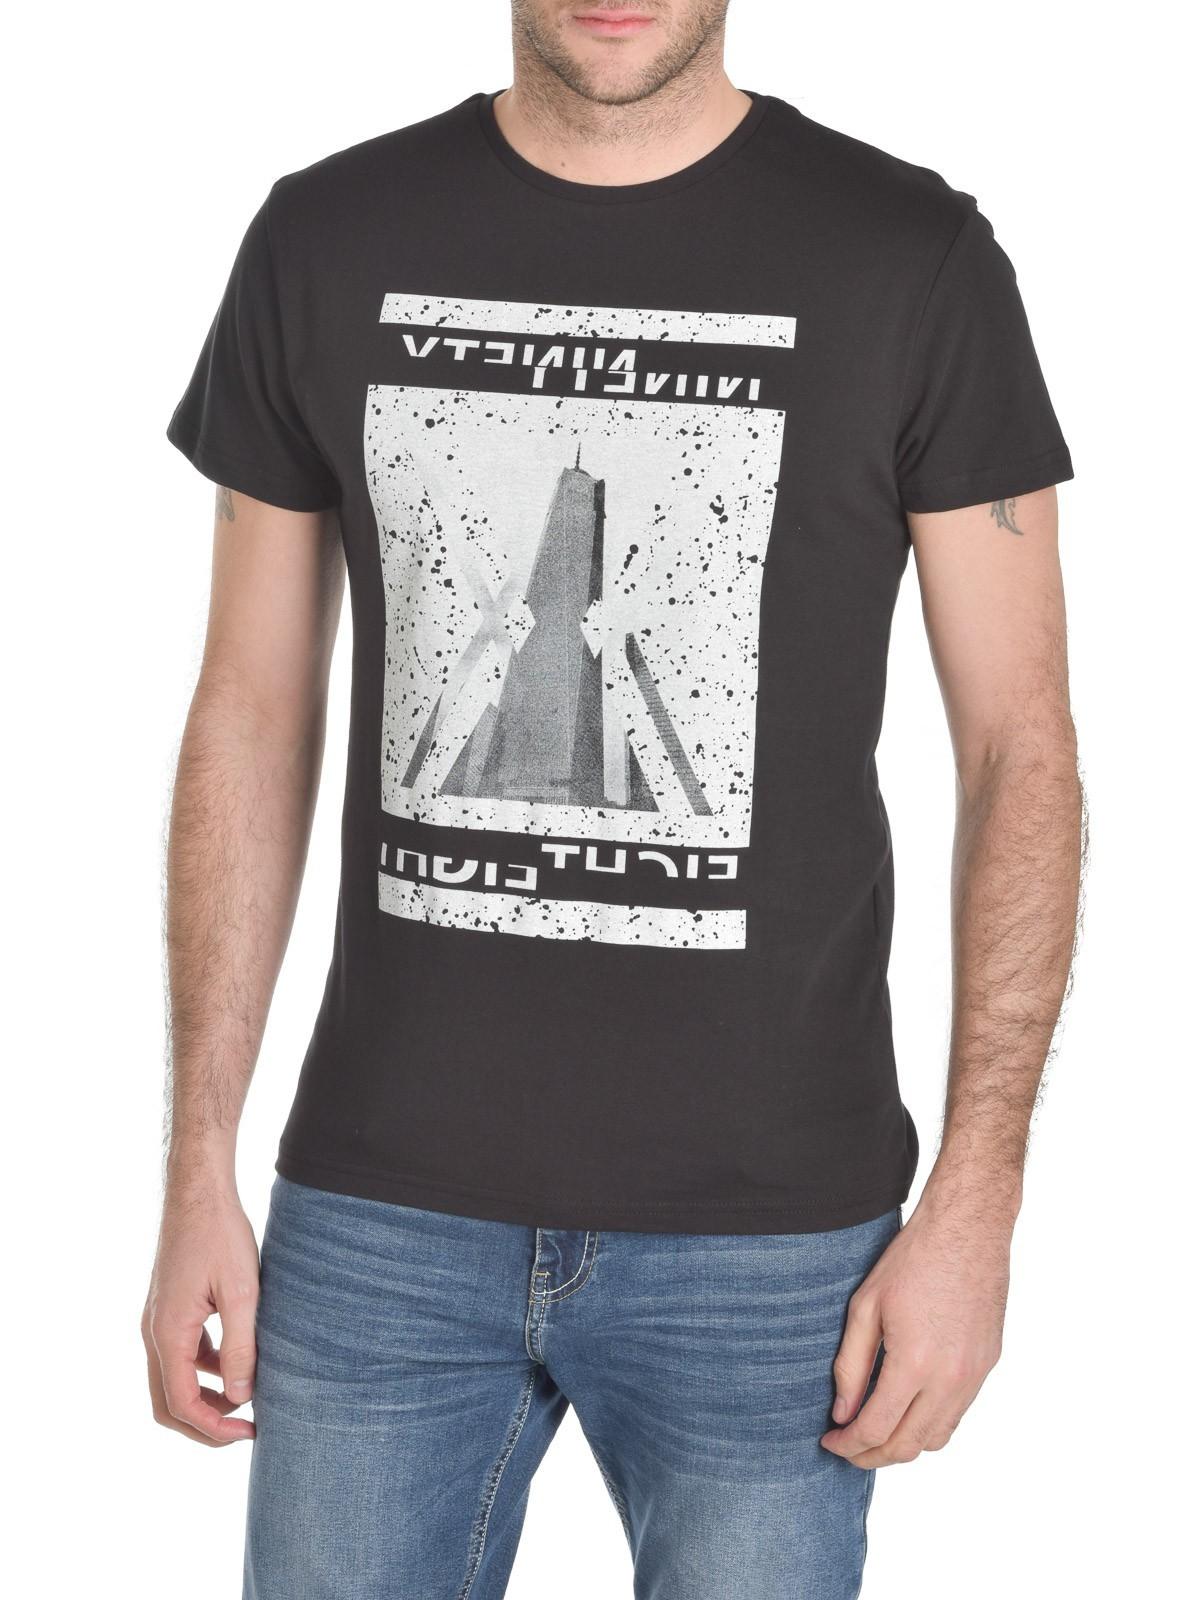 Tee Shirt Manches Courtes Print Urbain Districenter